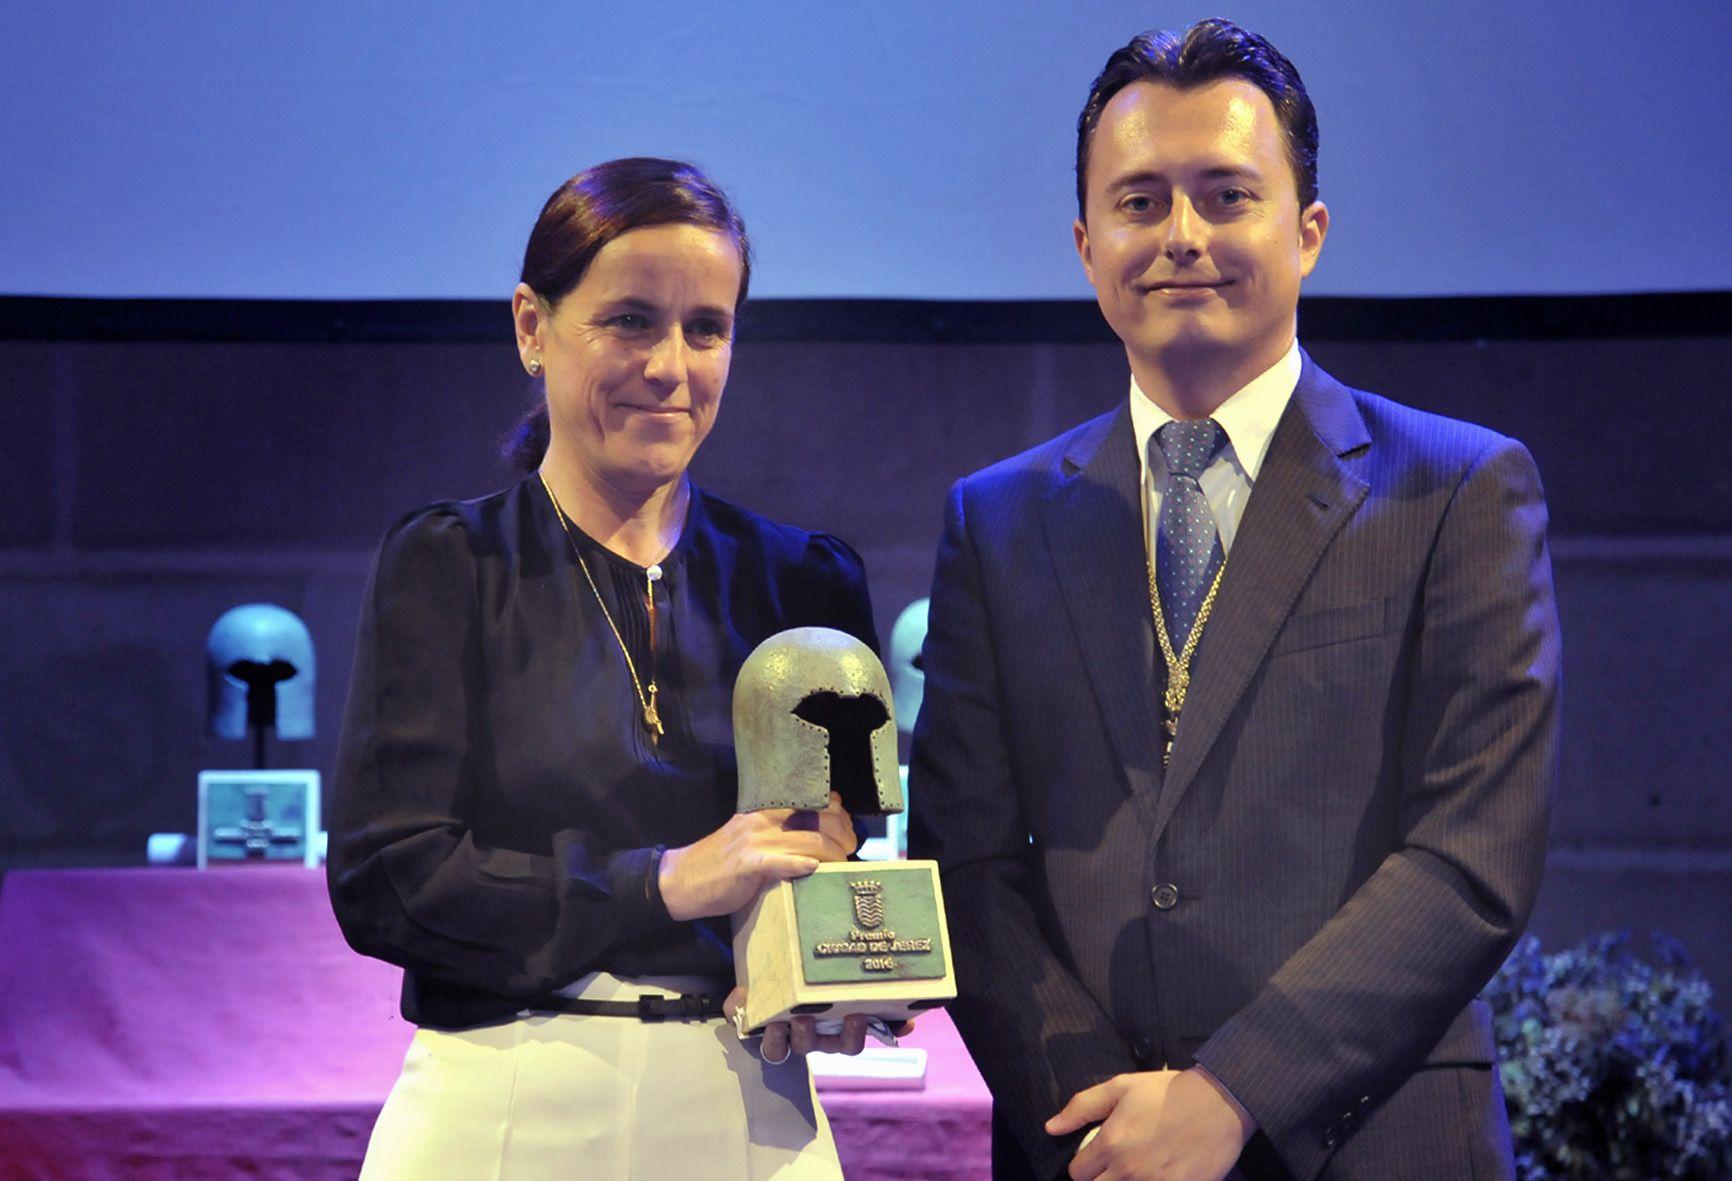 Premio Ciudad de Jerez a la Excelencia para Joaquín Rivero, a título póstumo